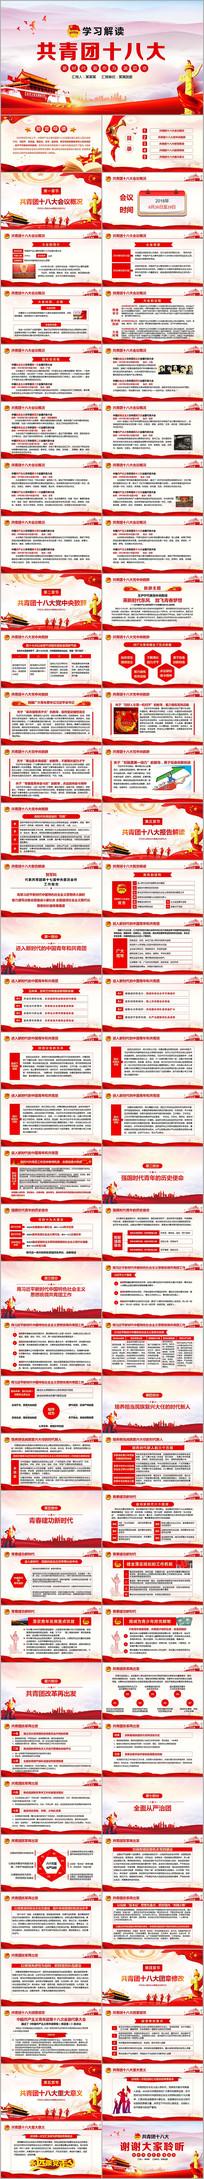 中国共青团十八大解读PPT